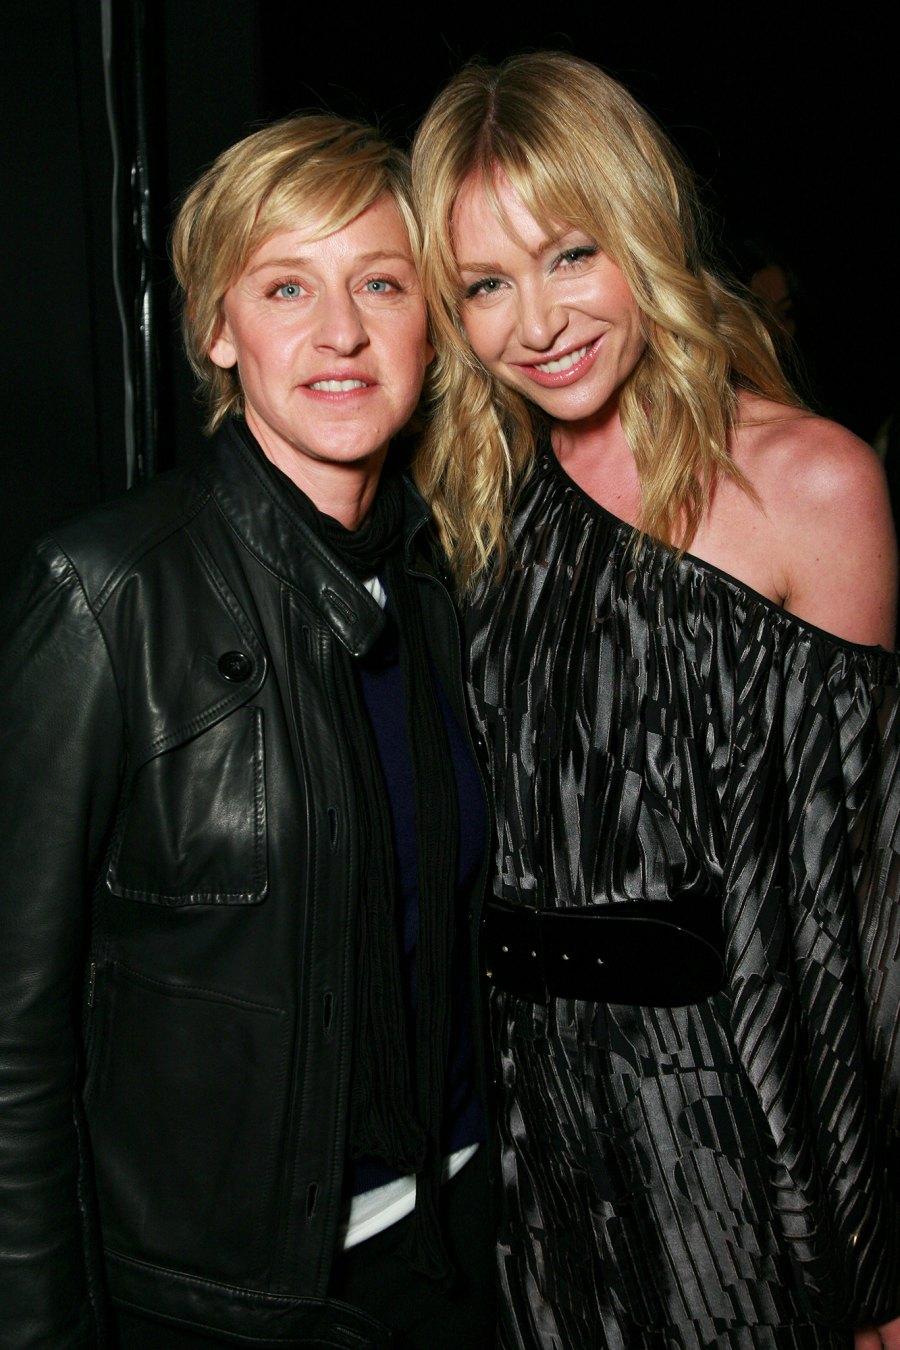 Ellen DeGeneres and Portia Di Rossi Relationship Timeline